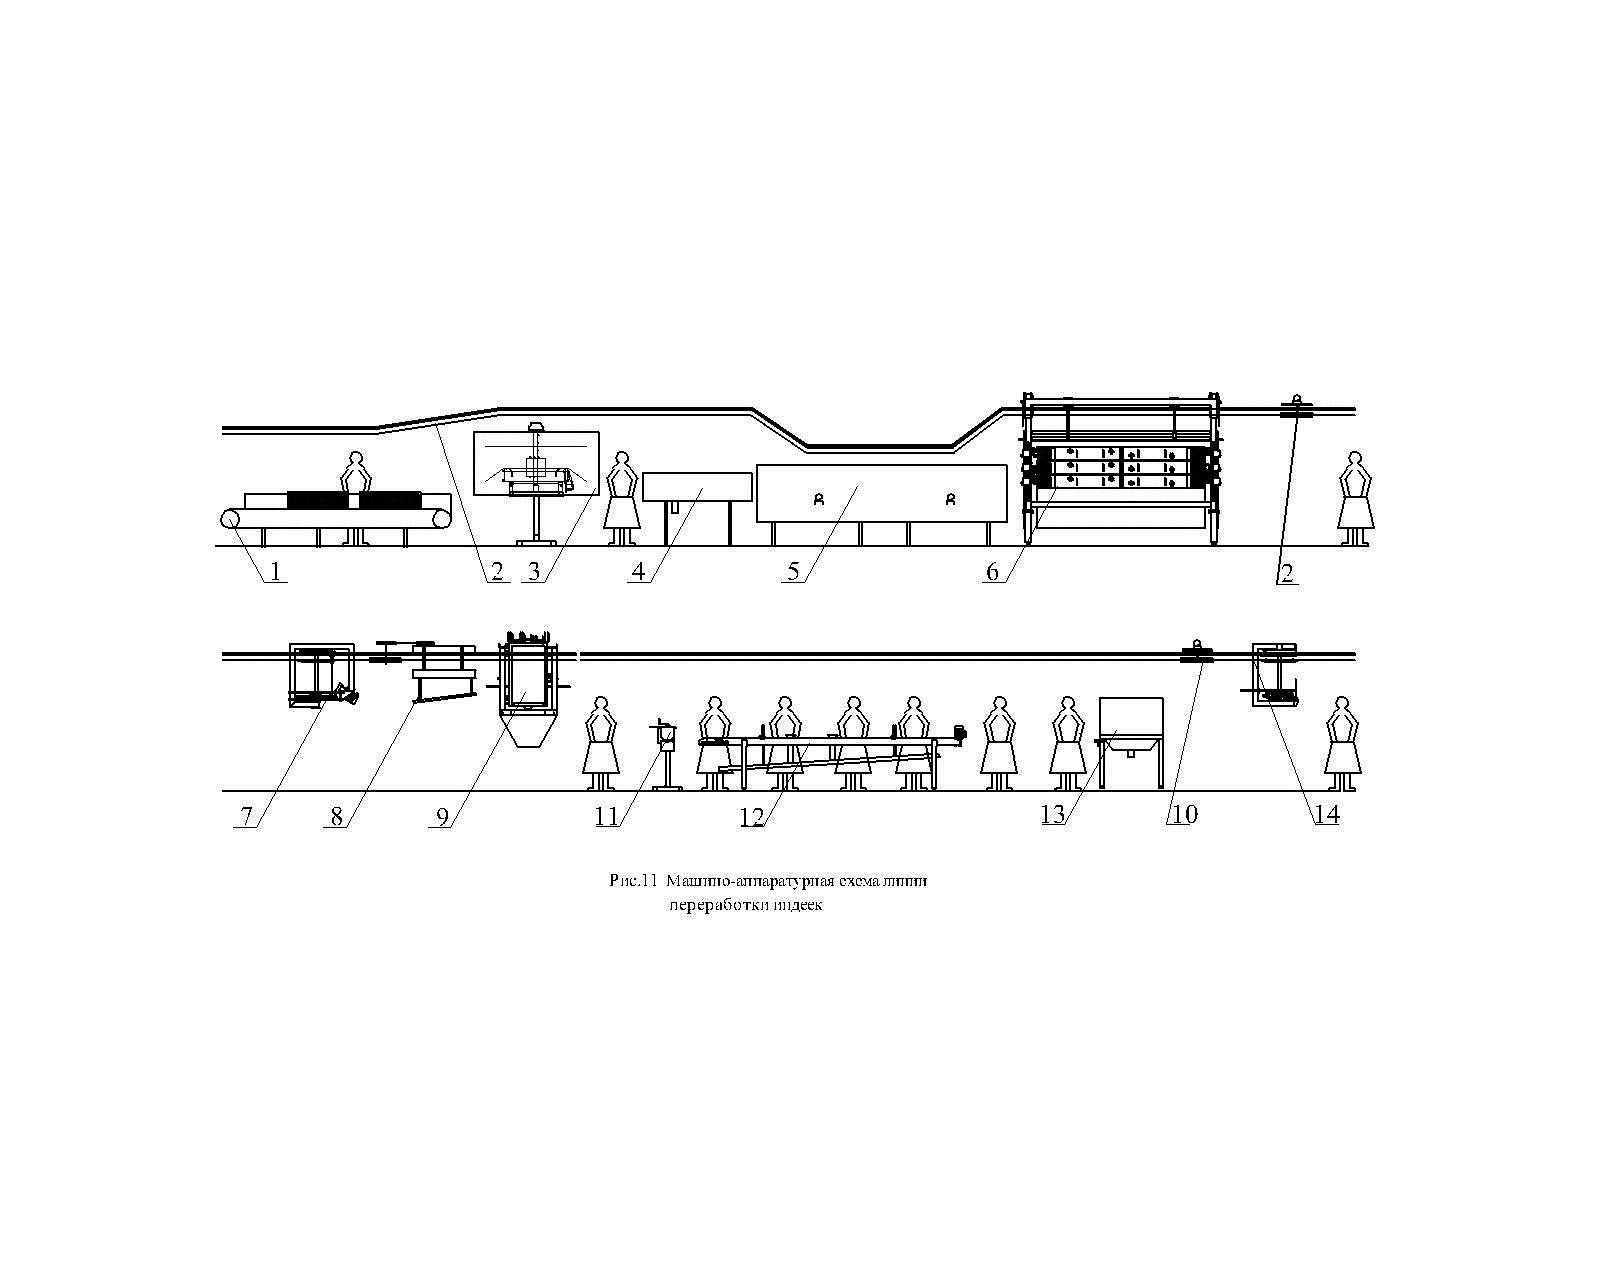 машино-аппаратурная схема линии переработки индеек